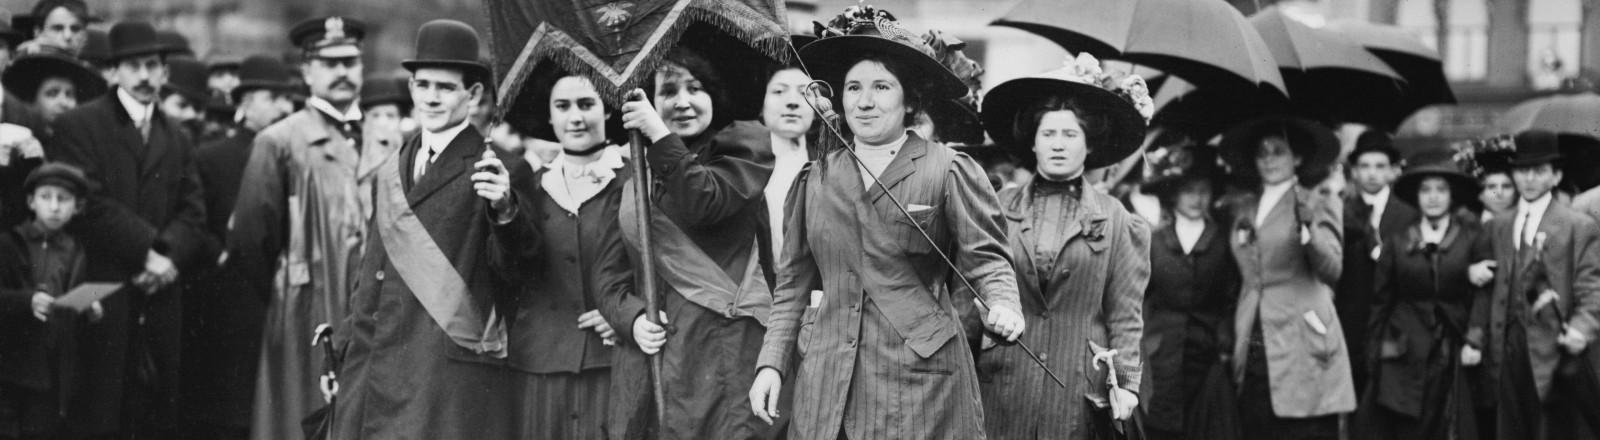 Frauen der Frauenrechtsbewegung gehen in den USA auf die Straße 1909